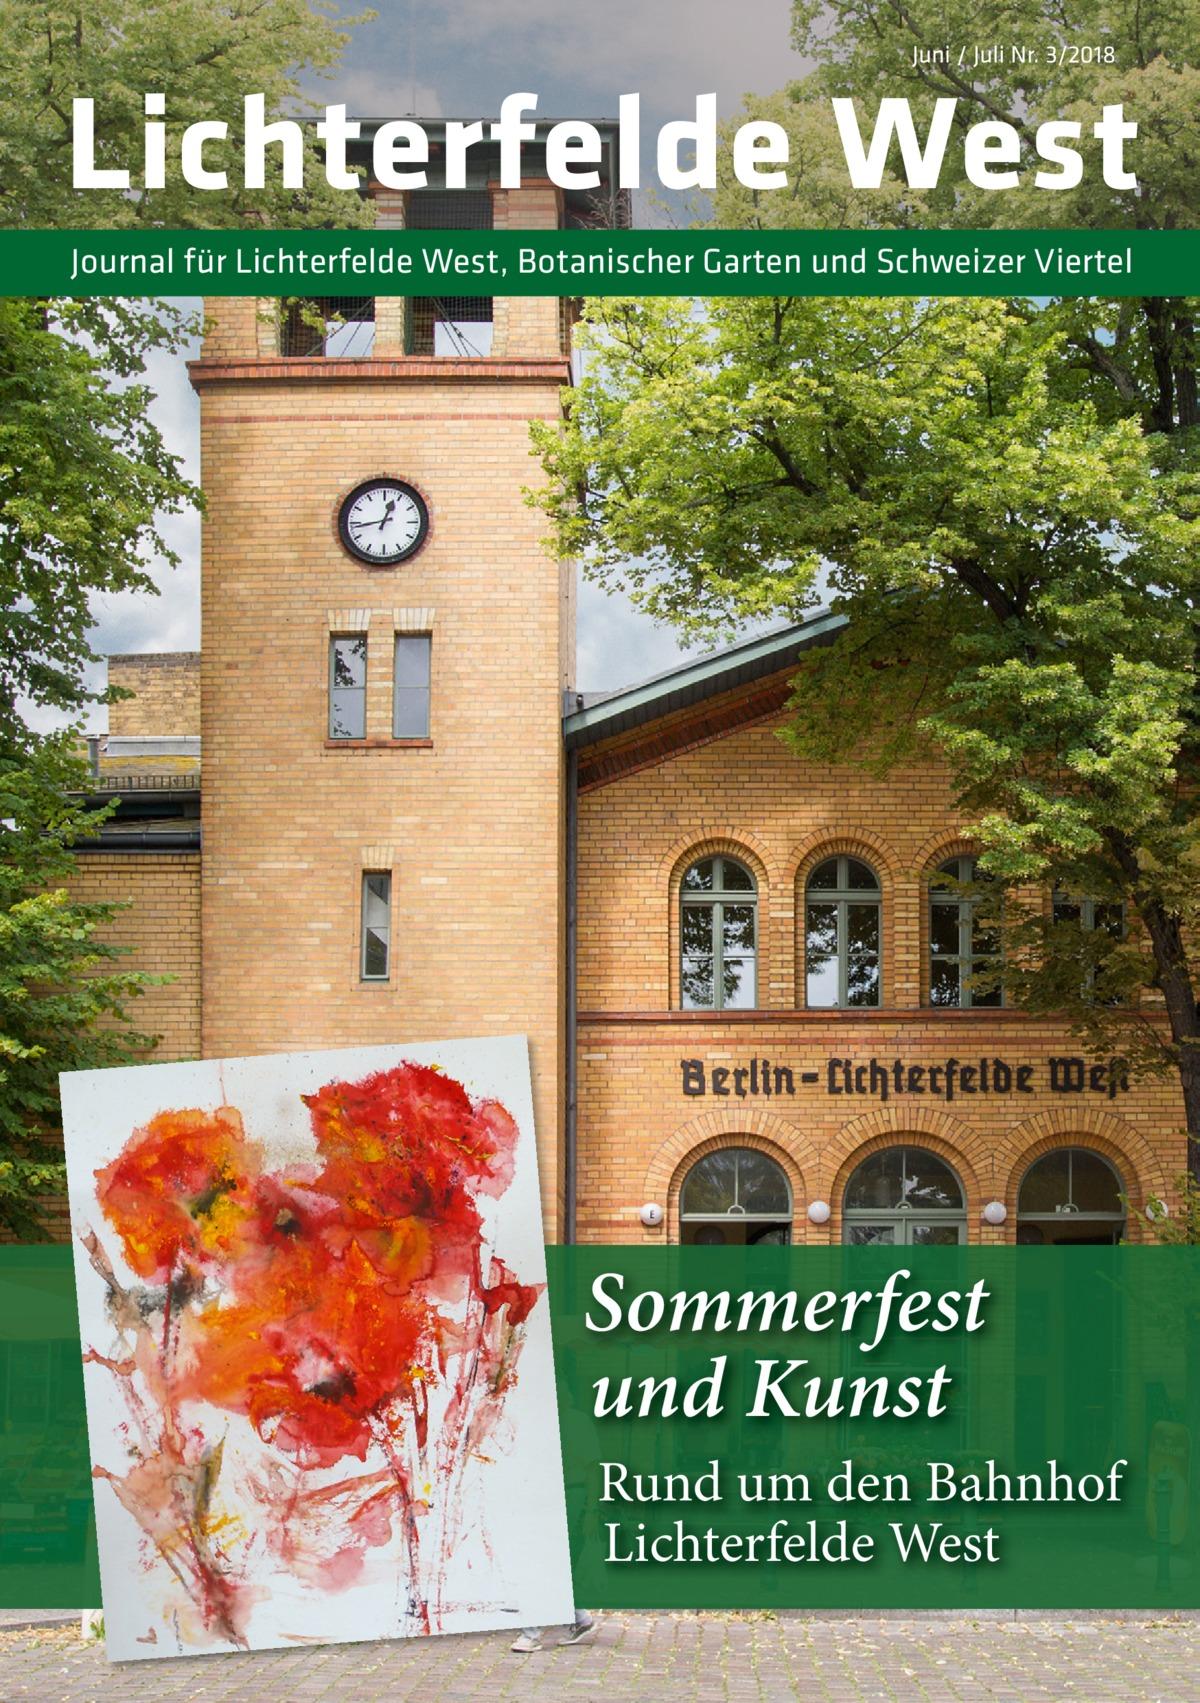 Juni / Juli Nr. 3/2018  Lichterfelde West Journal für Lichterfelde West, Botanischer Garten und Schweizer Viertel  Sommerfest und Kunst Rund um den Bahnhof Lichterfelde West